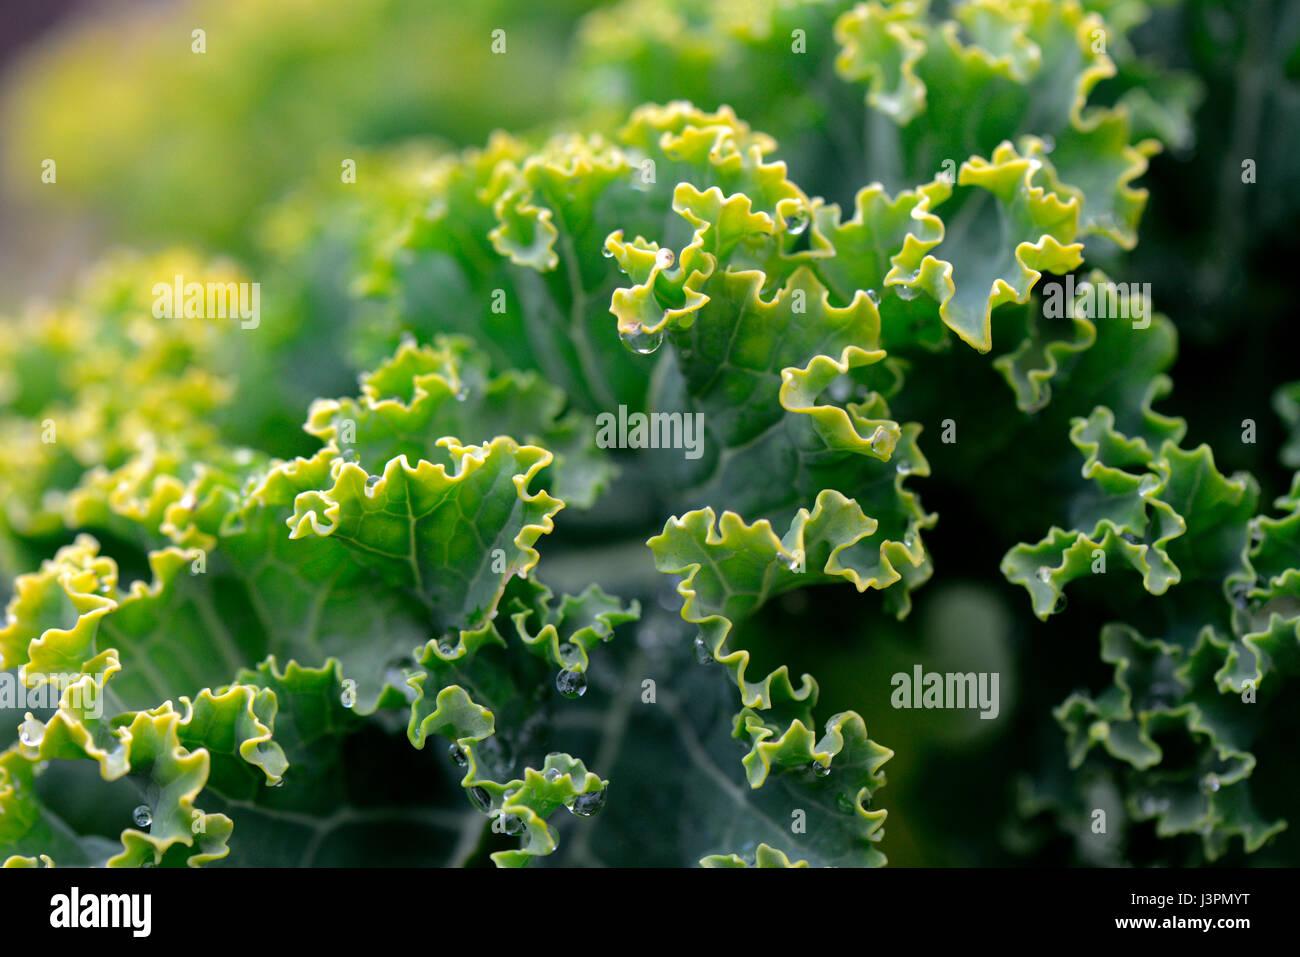 Gruenkohl, Krauskohl, Federkohl, Winterkohl, Sorte Ostfriesische Palme, bis zu 1.8 m hoch, Brassica oleracea acephala - Stock Image